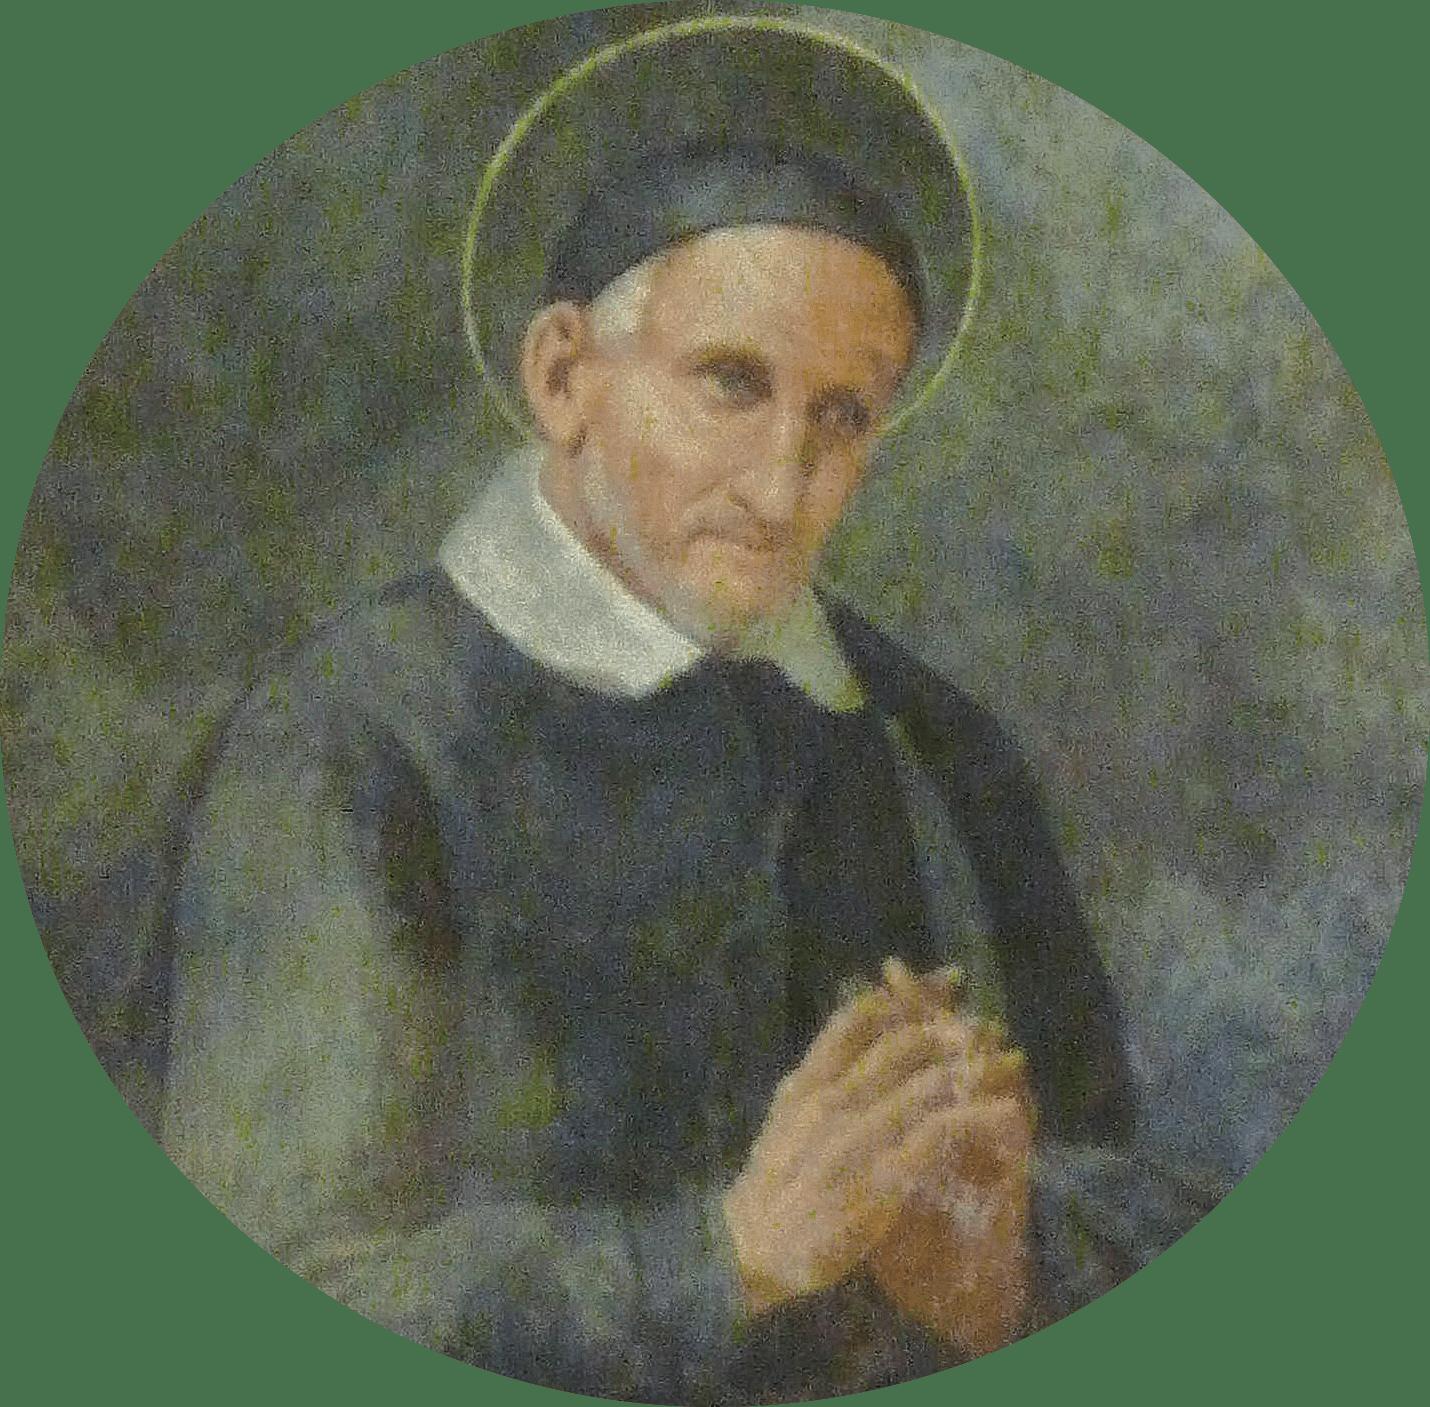 Saint Vincent de Paul (1581-1660)